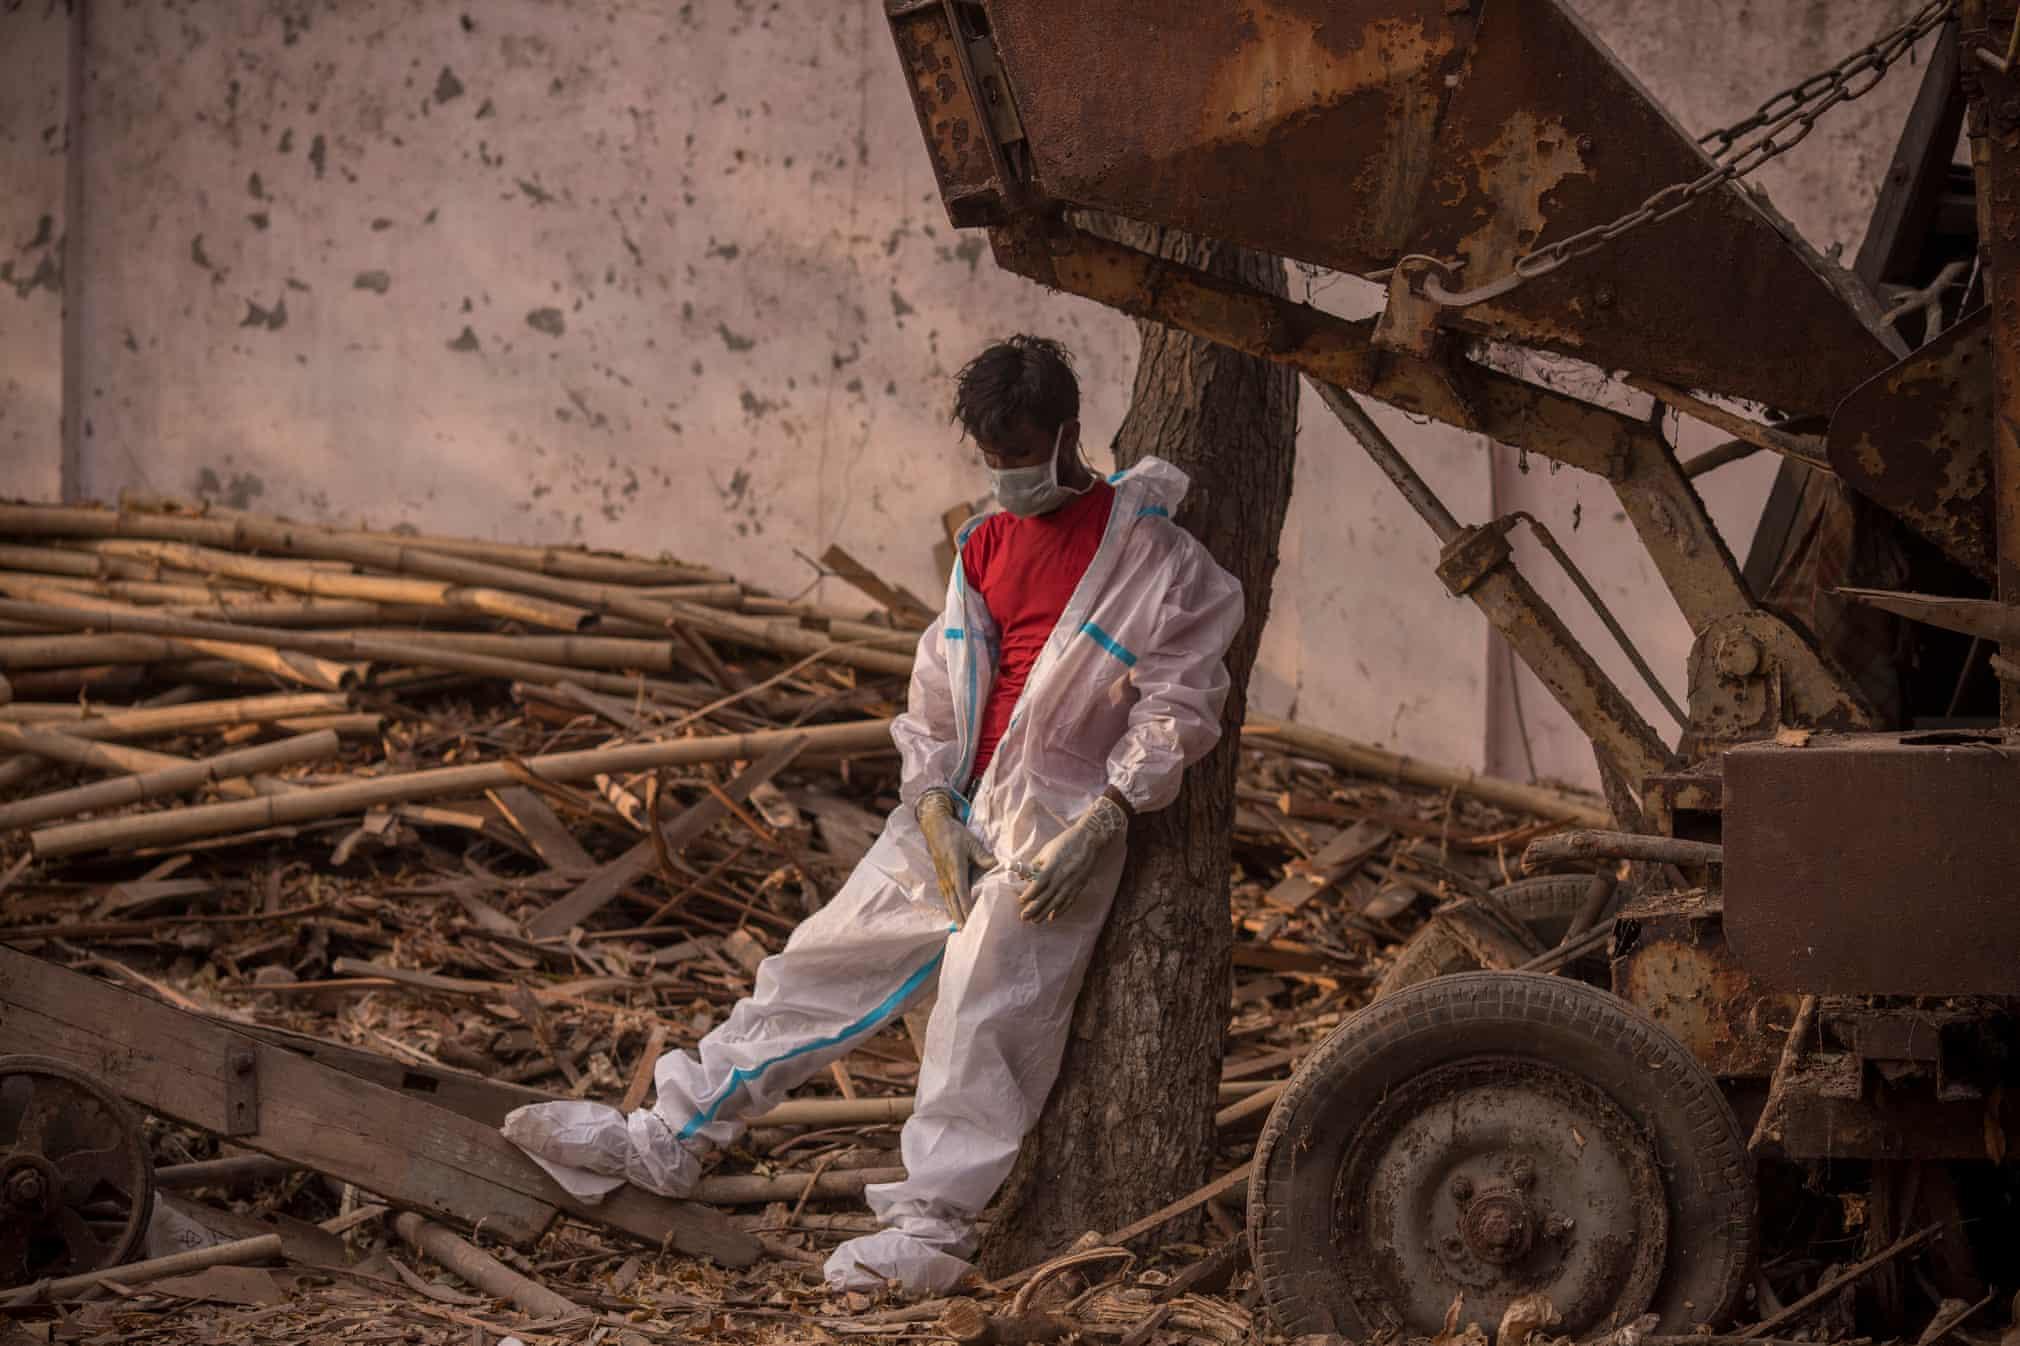 کارگر خسته و بی رمق هندی در محل سوزاندن اجساد کرونایی